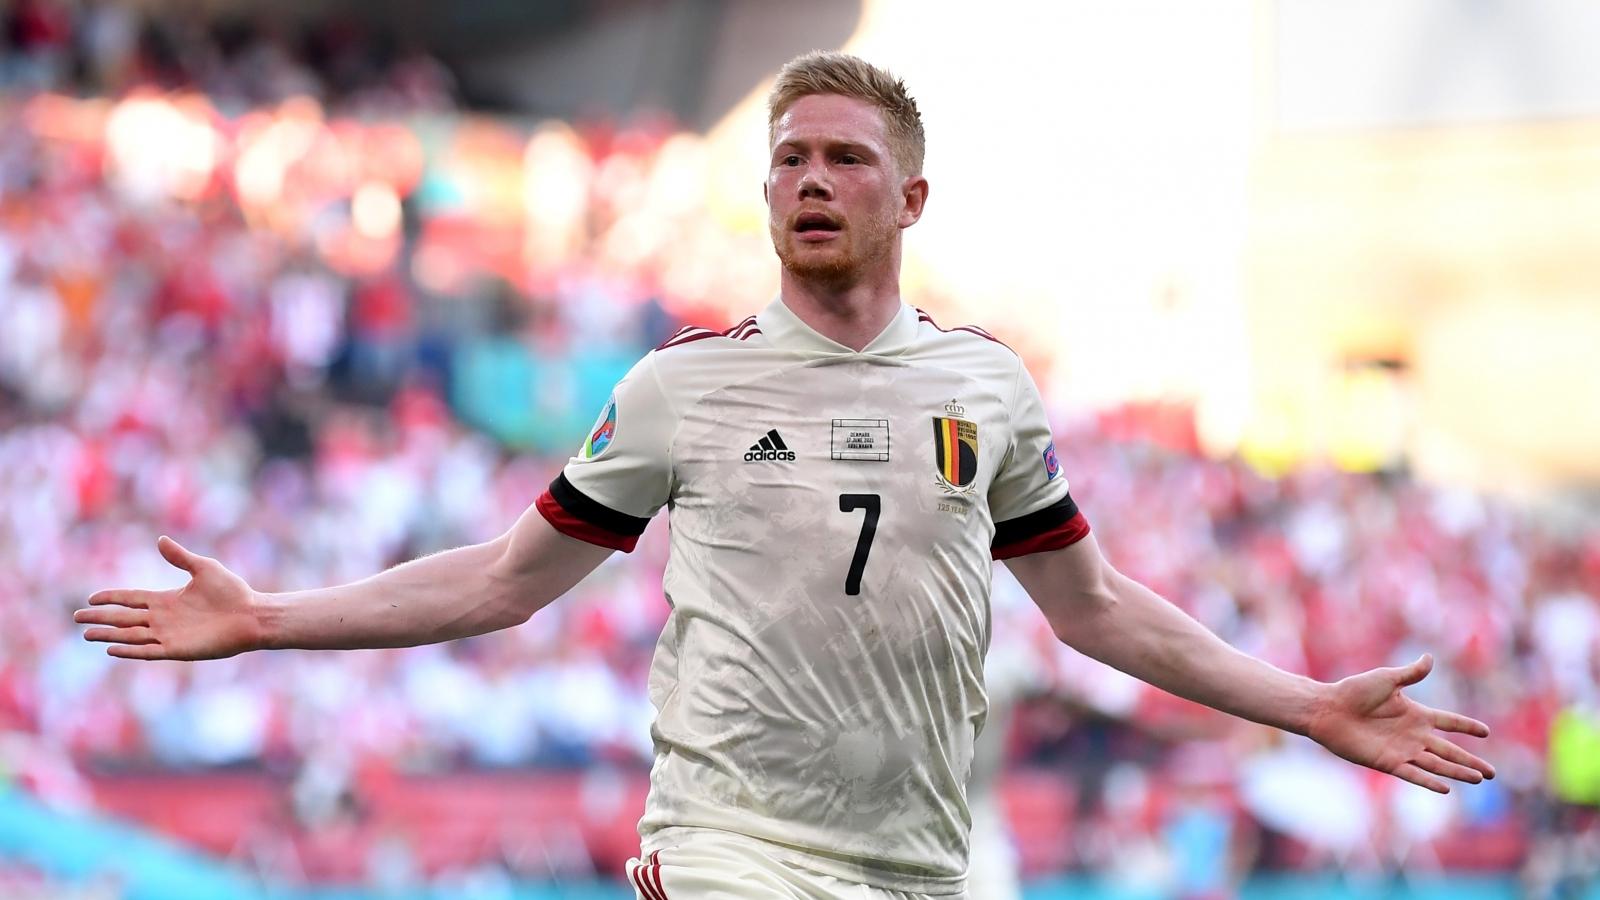 De Bruyne gieo sầu cho Đan Mạch, Bỉ vào vòng knock-out EURO 2021